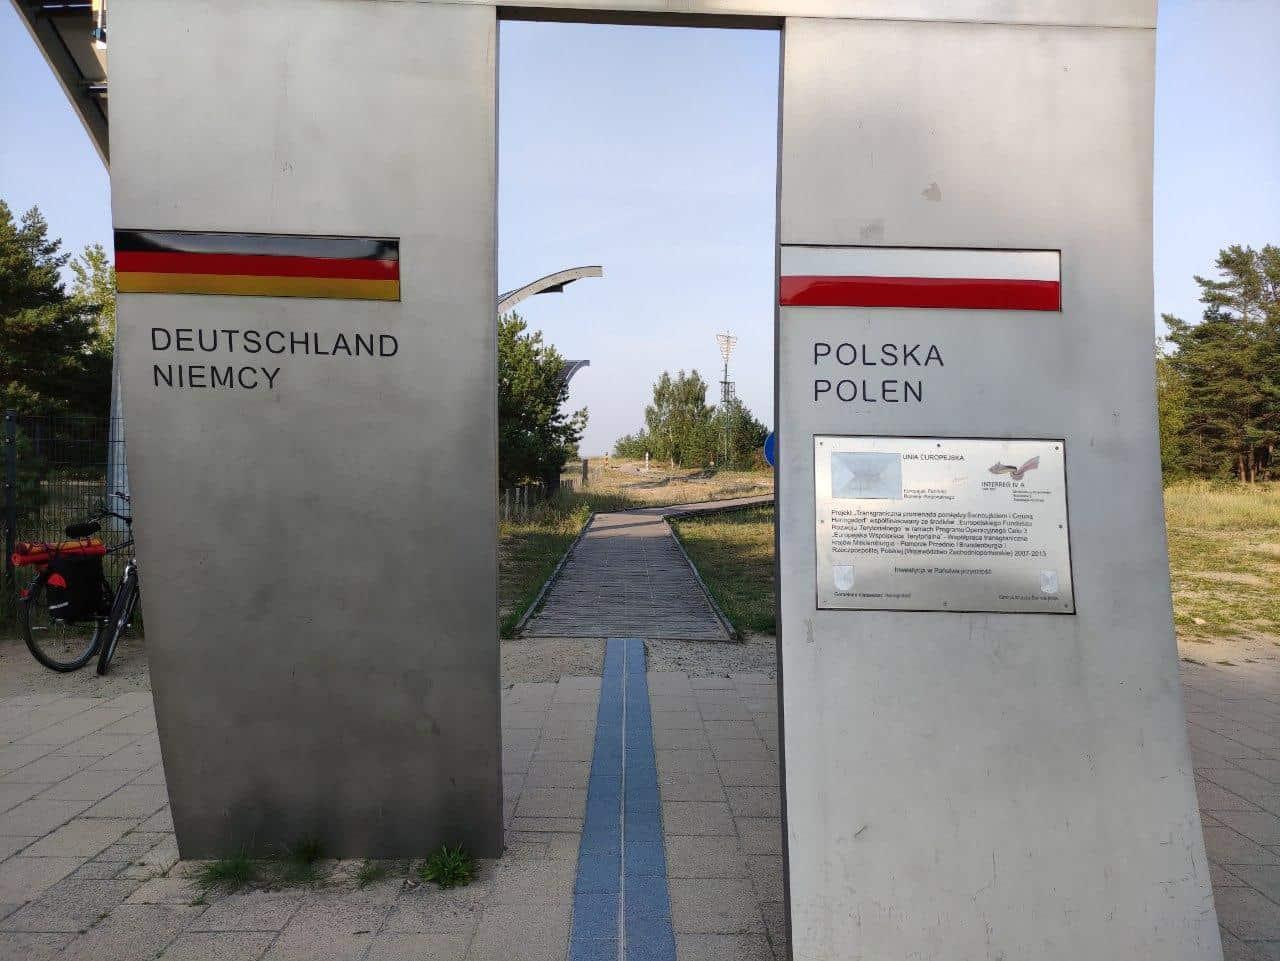 Polsko-niemiecka granica w Świnoujściu